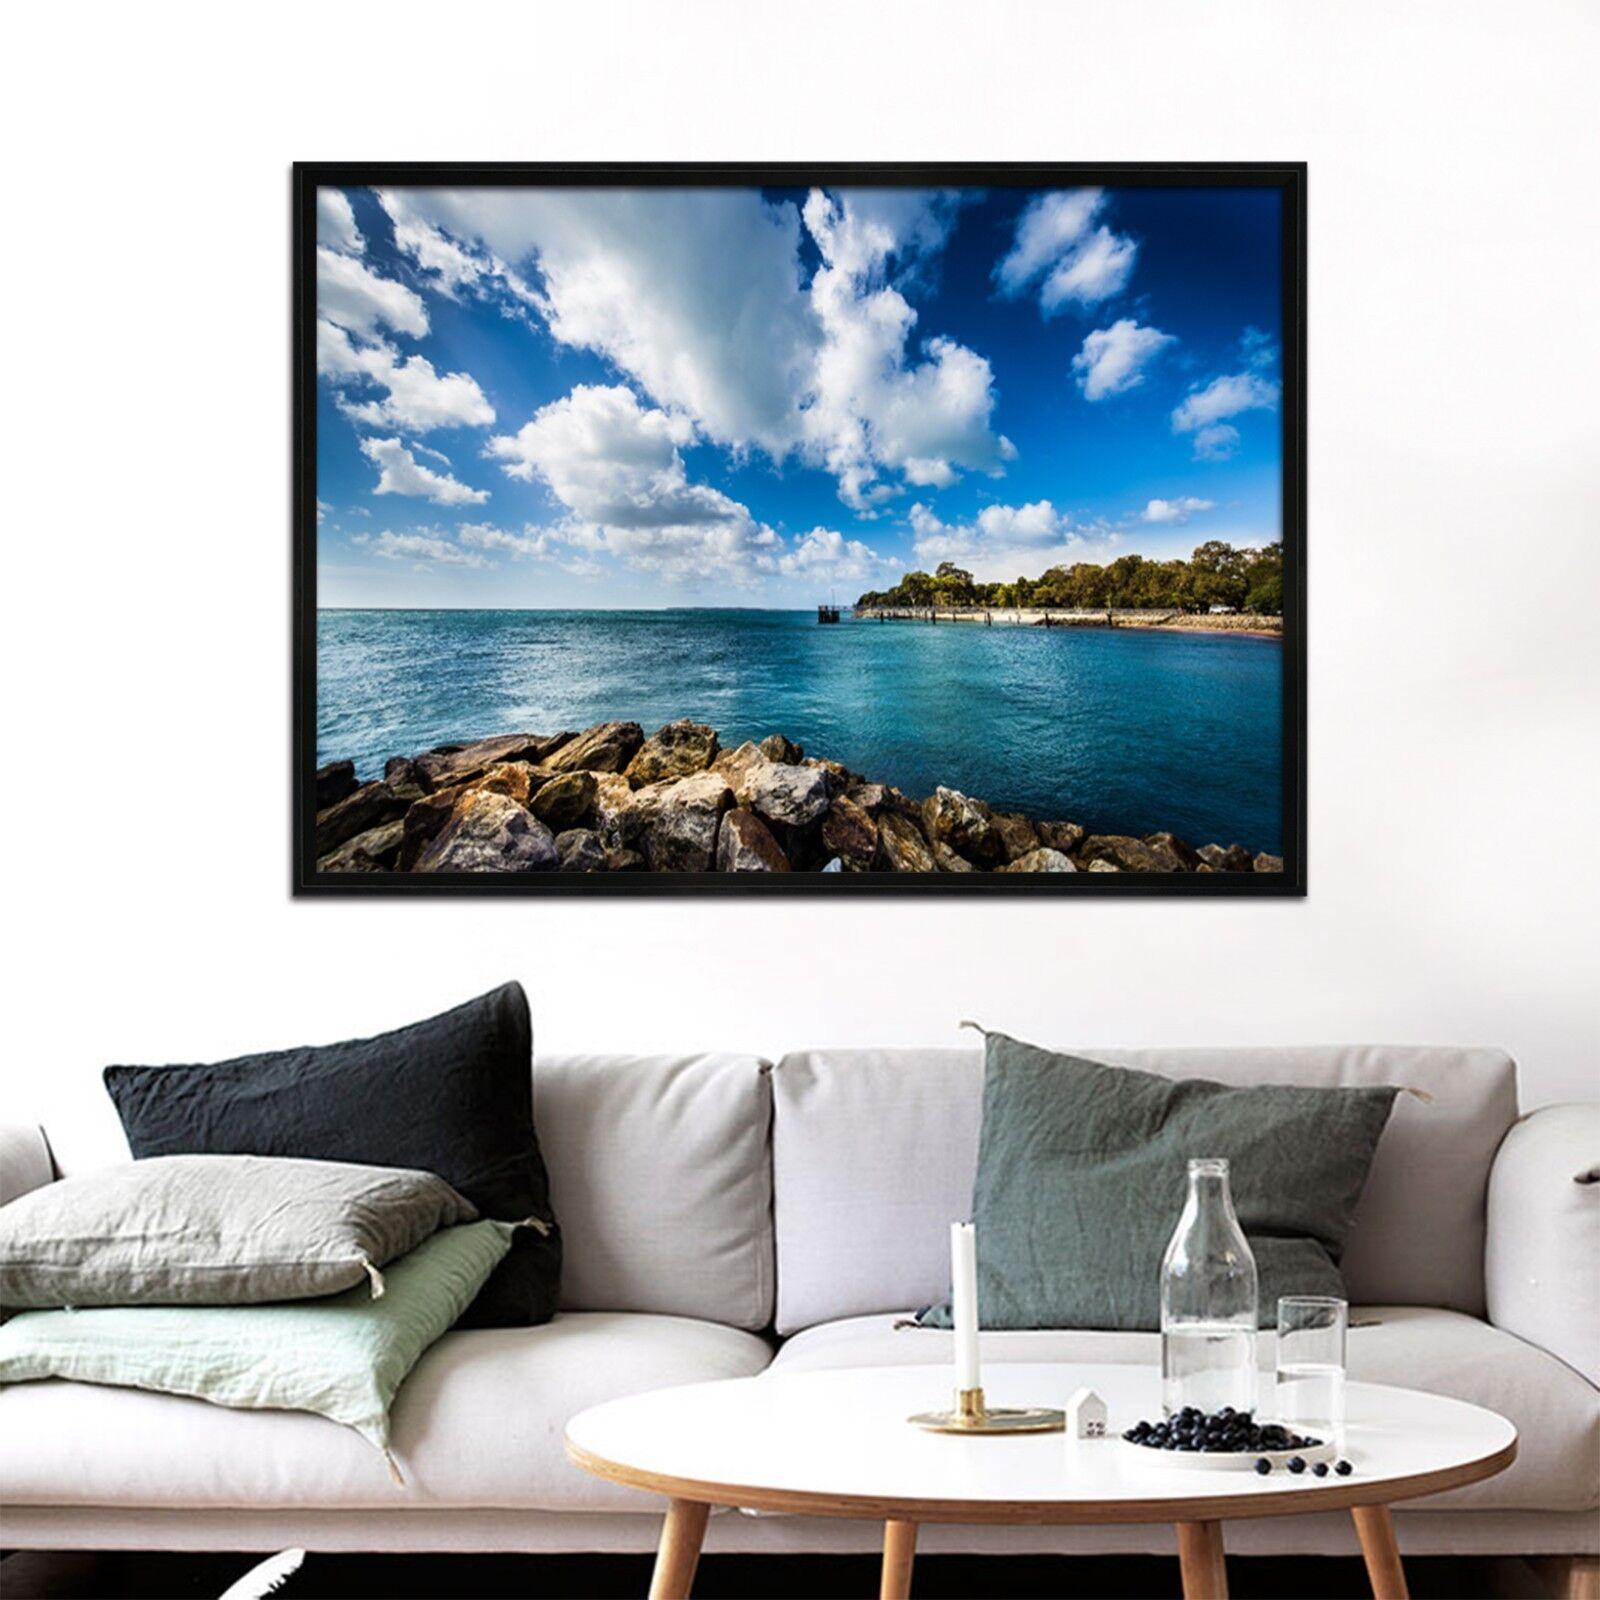 3D mar nubes blancoas 67 Póster Enmarcado Decoración del Hogar Pintura de Impresión Arte AJ Wallpaper